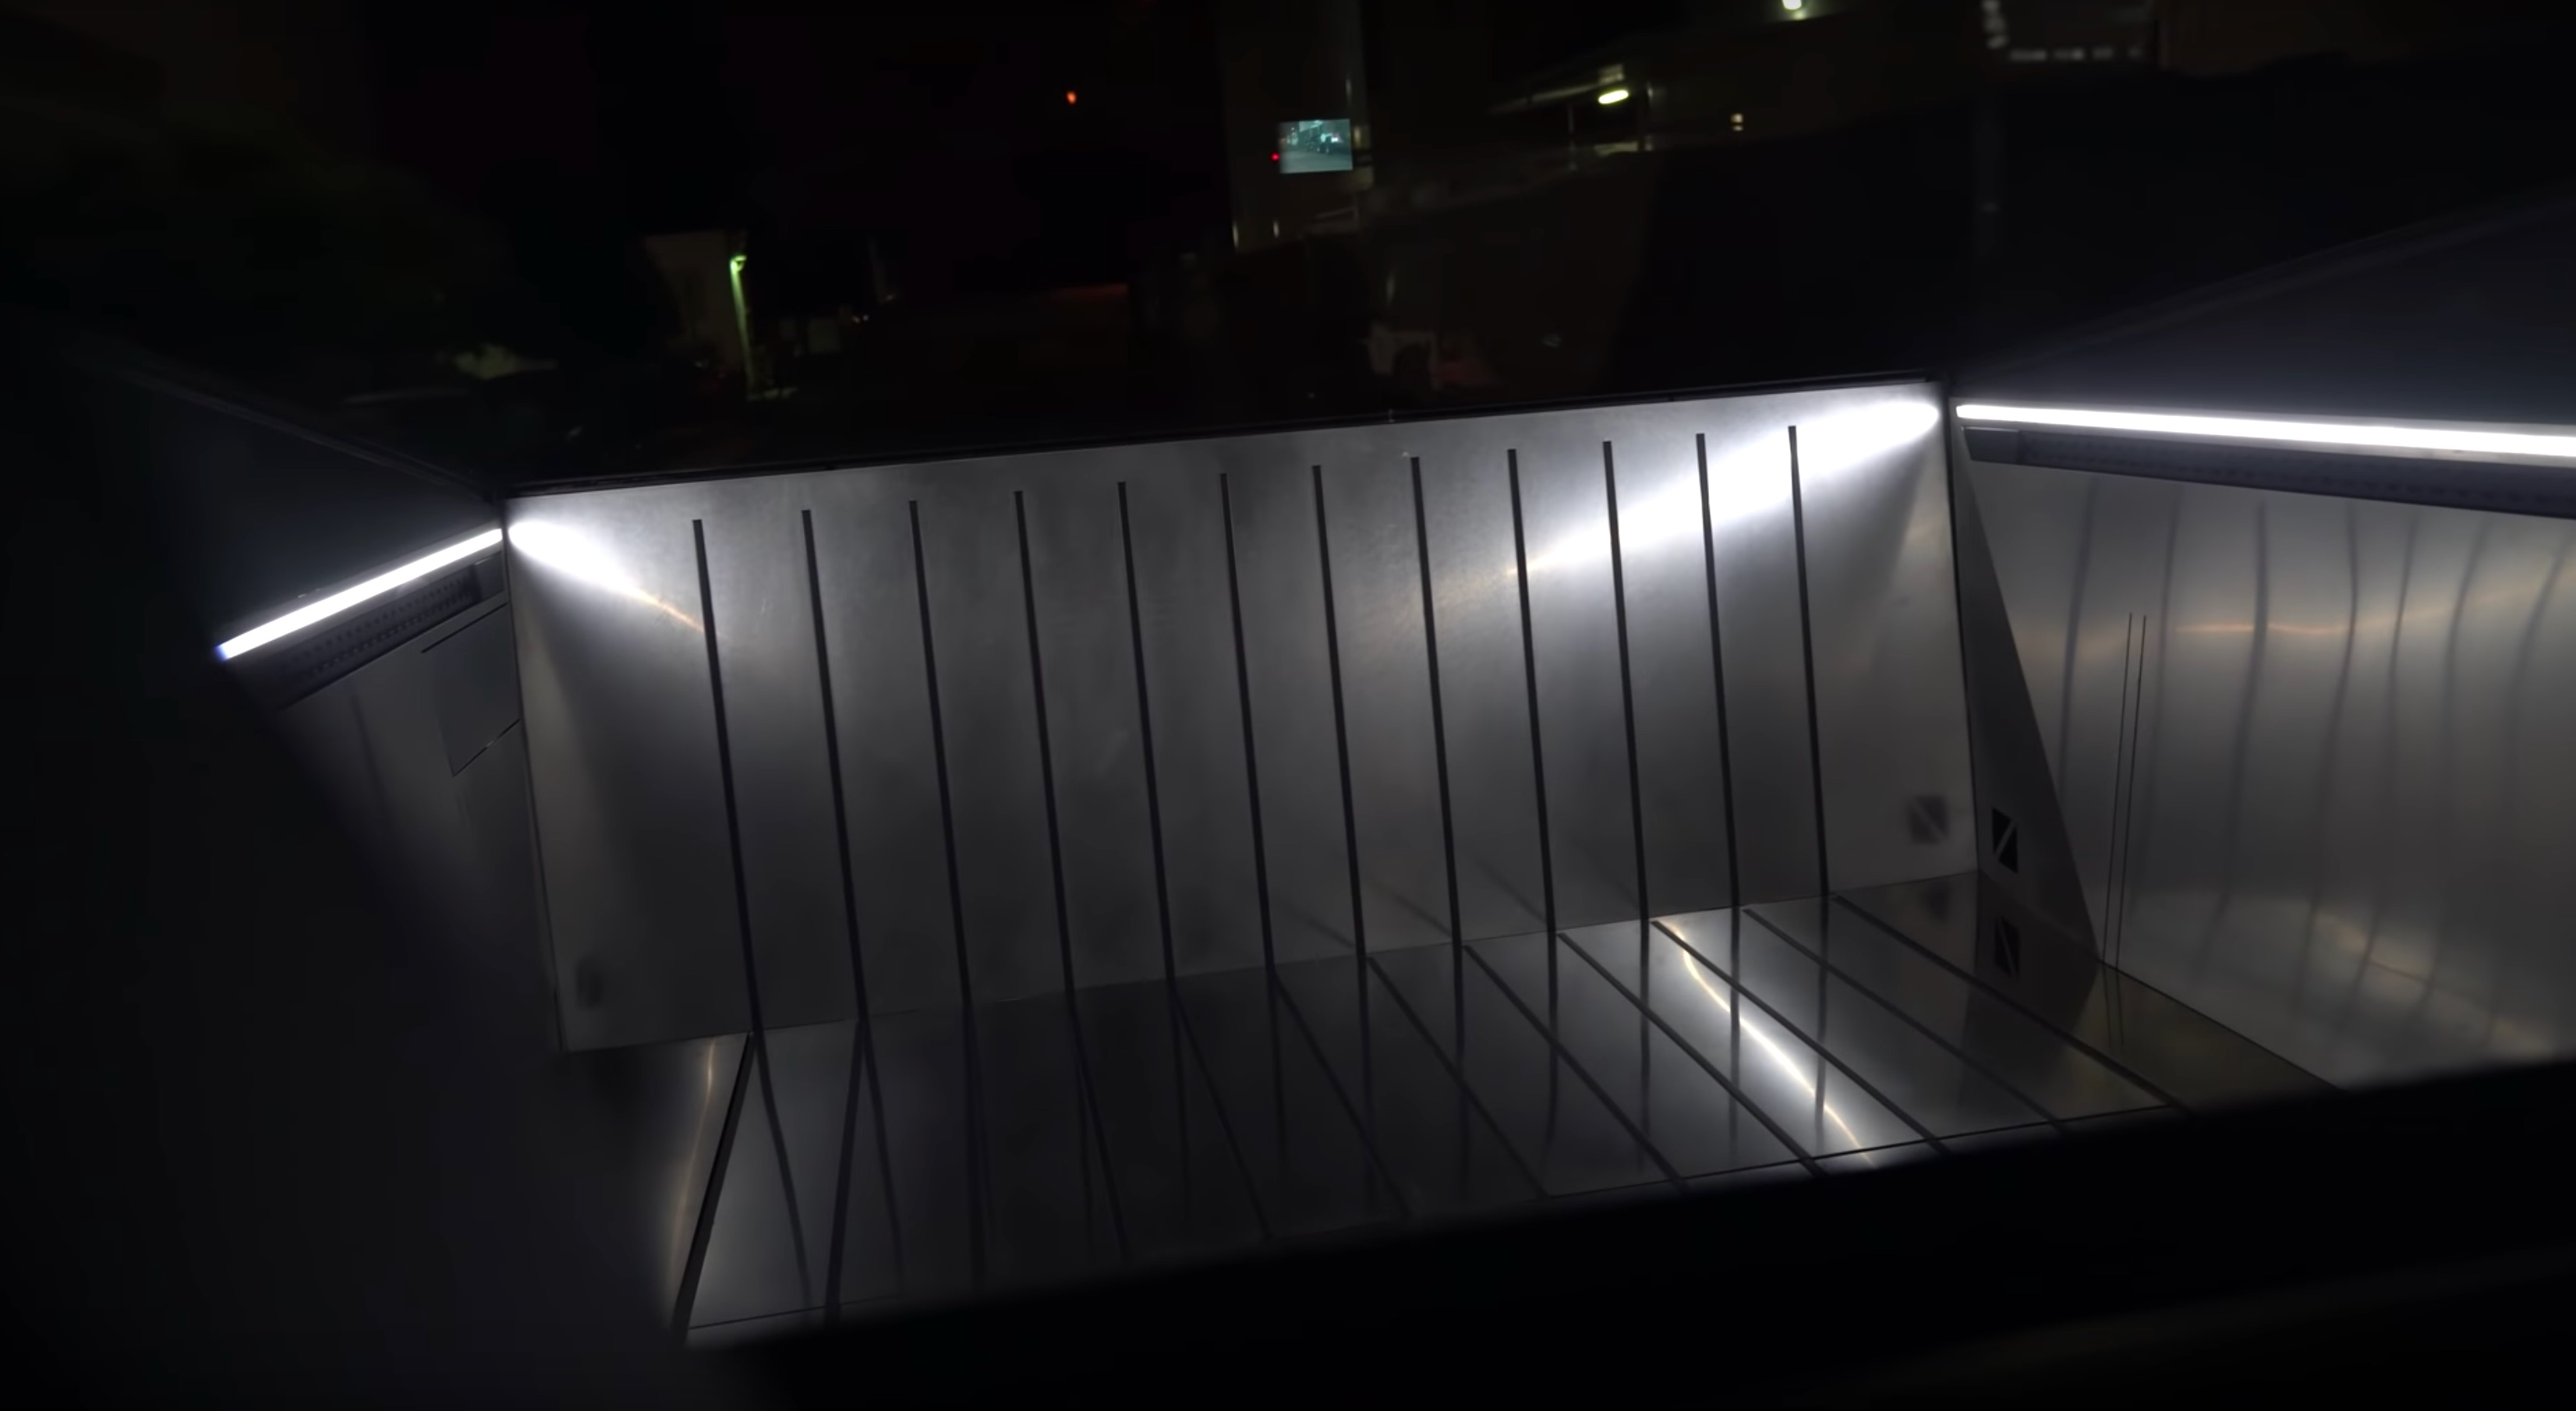 tesla-cybertruck-vault-pickup-bed